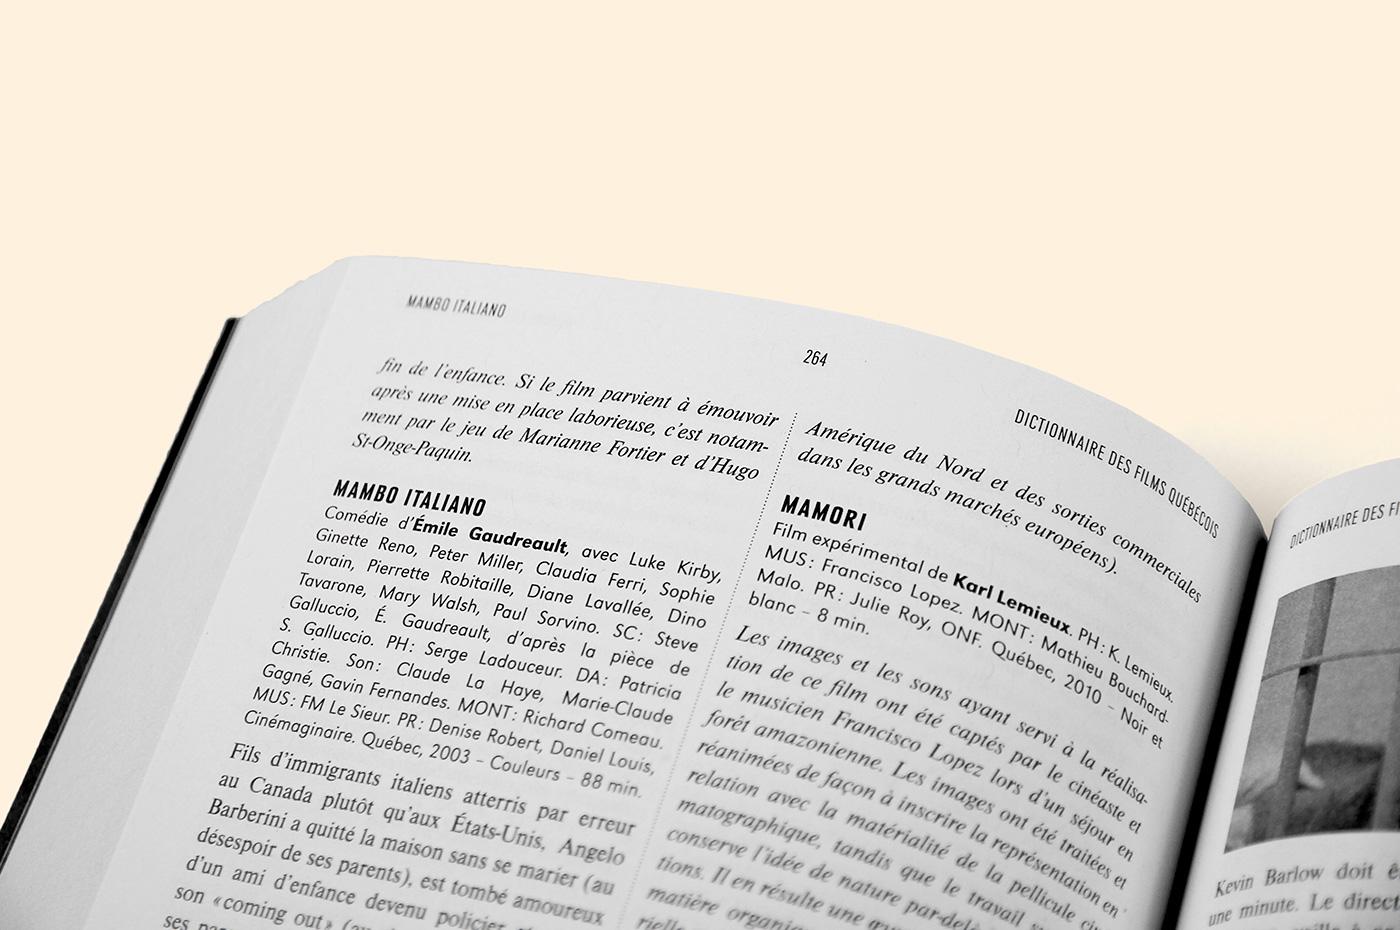 laferriere_sommetoute_dictionnaire_05